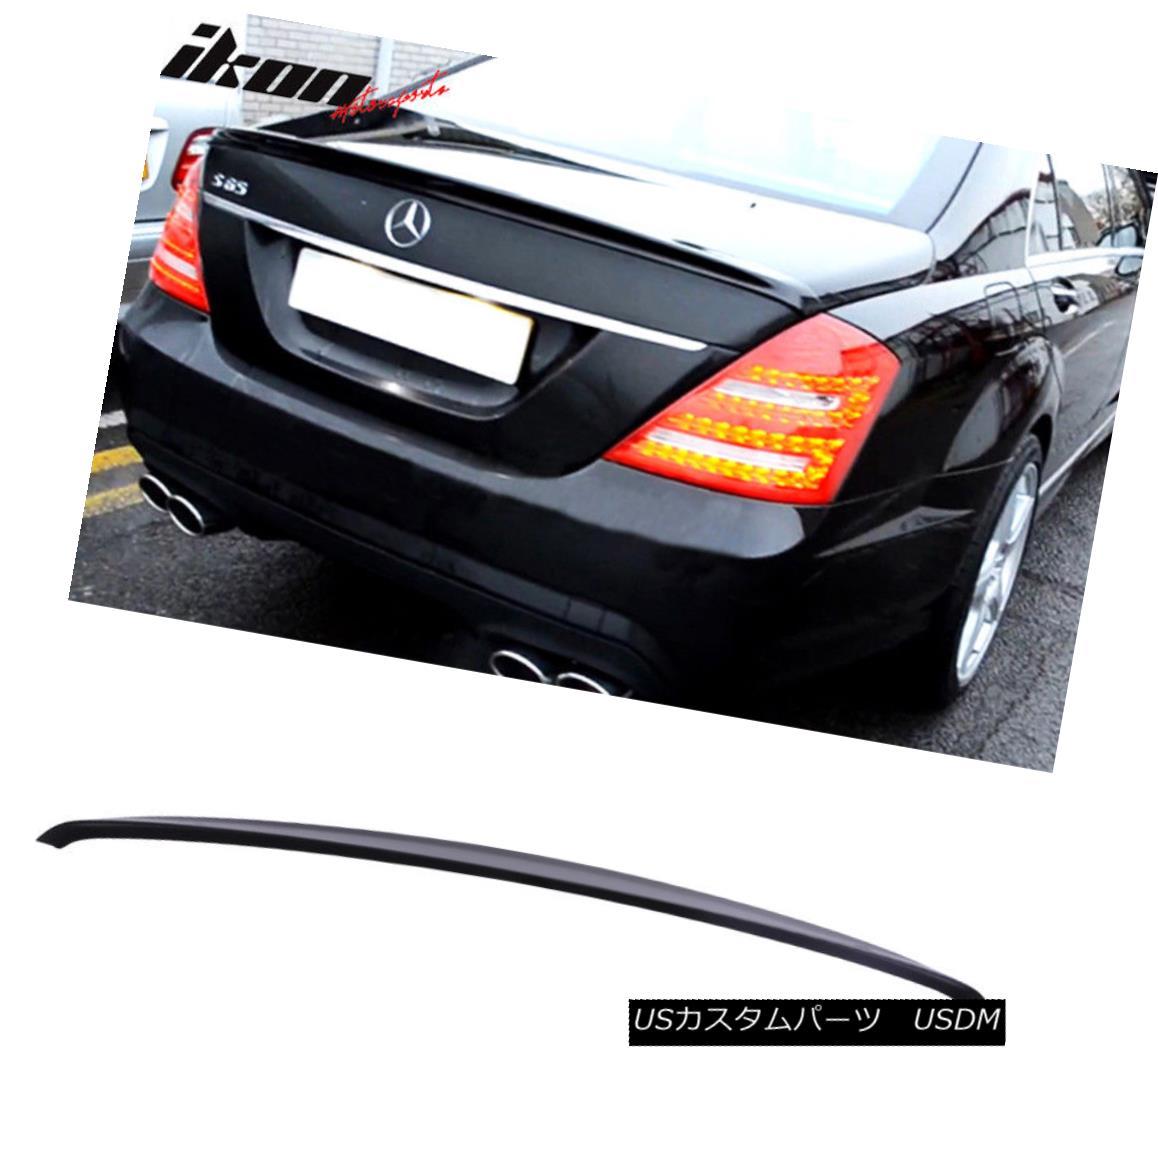 エアロパーツ Fits 07-13 S-Class W221 AMG Trunk Spoiler Painted Obsidian Black Metallic #197 フィット07-13 SクラスW221 AMGトランク・スポイラー・ペイントオブシディアンブラックメタリック#197